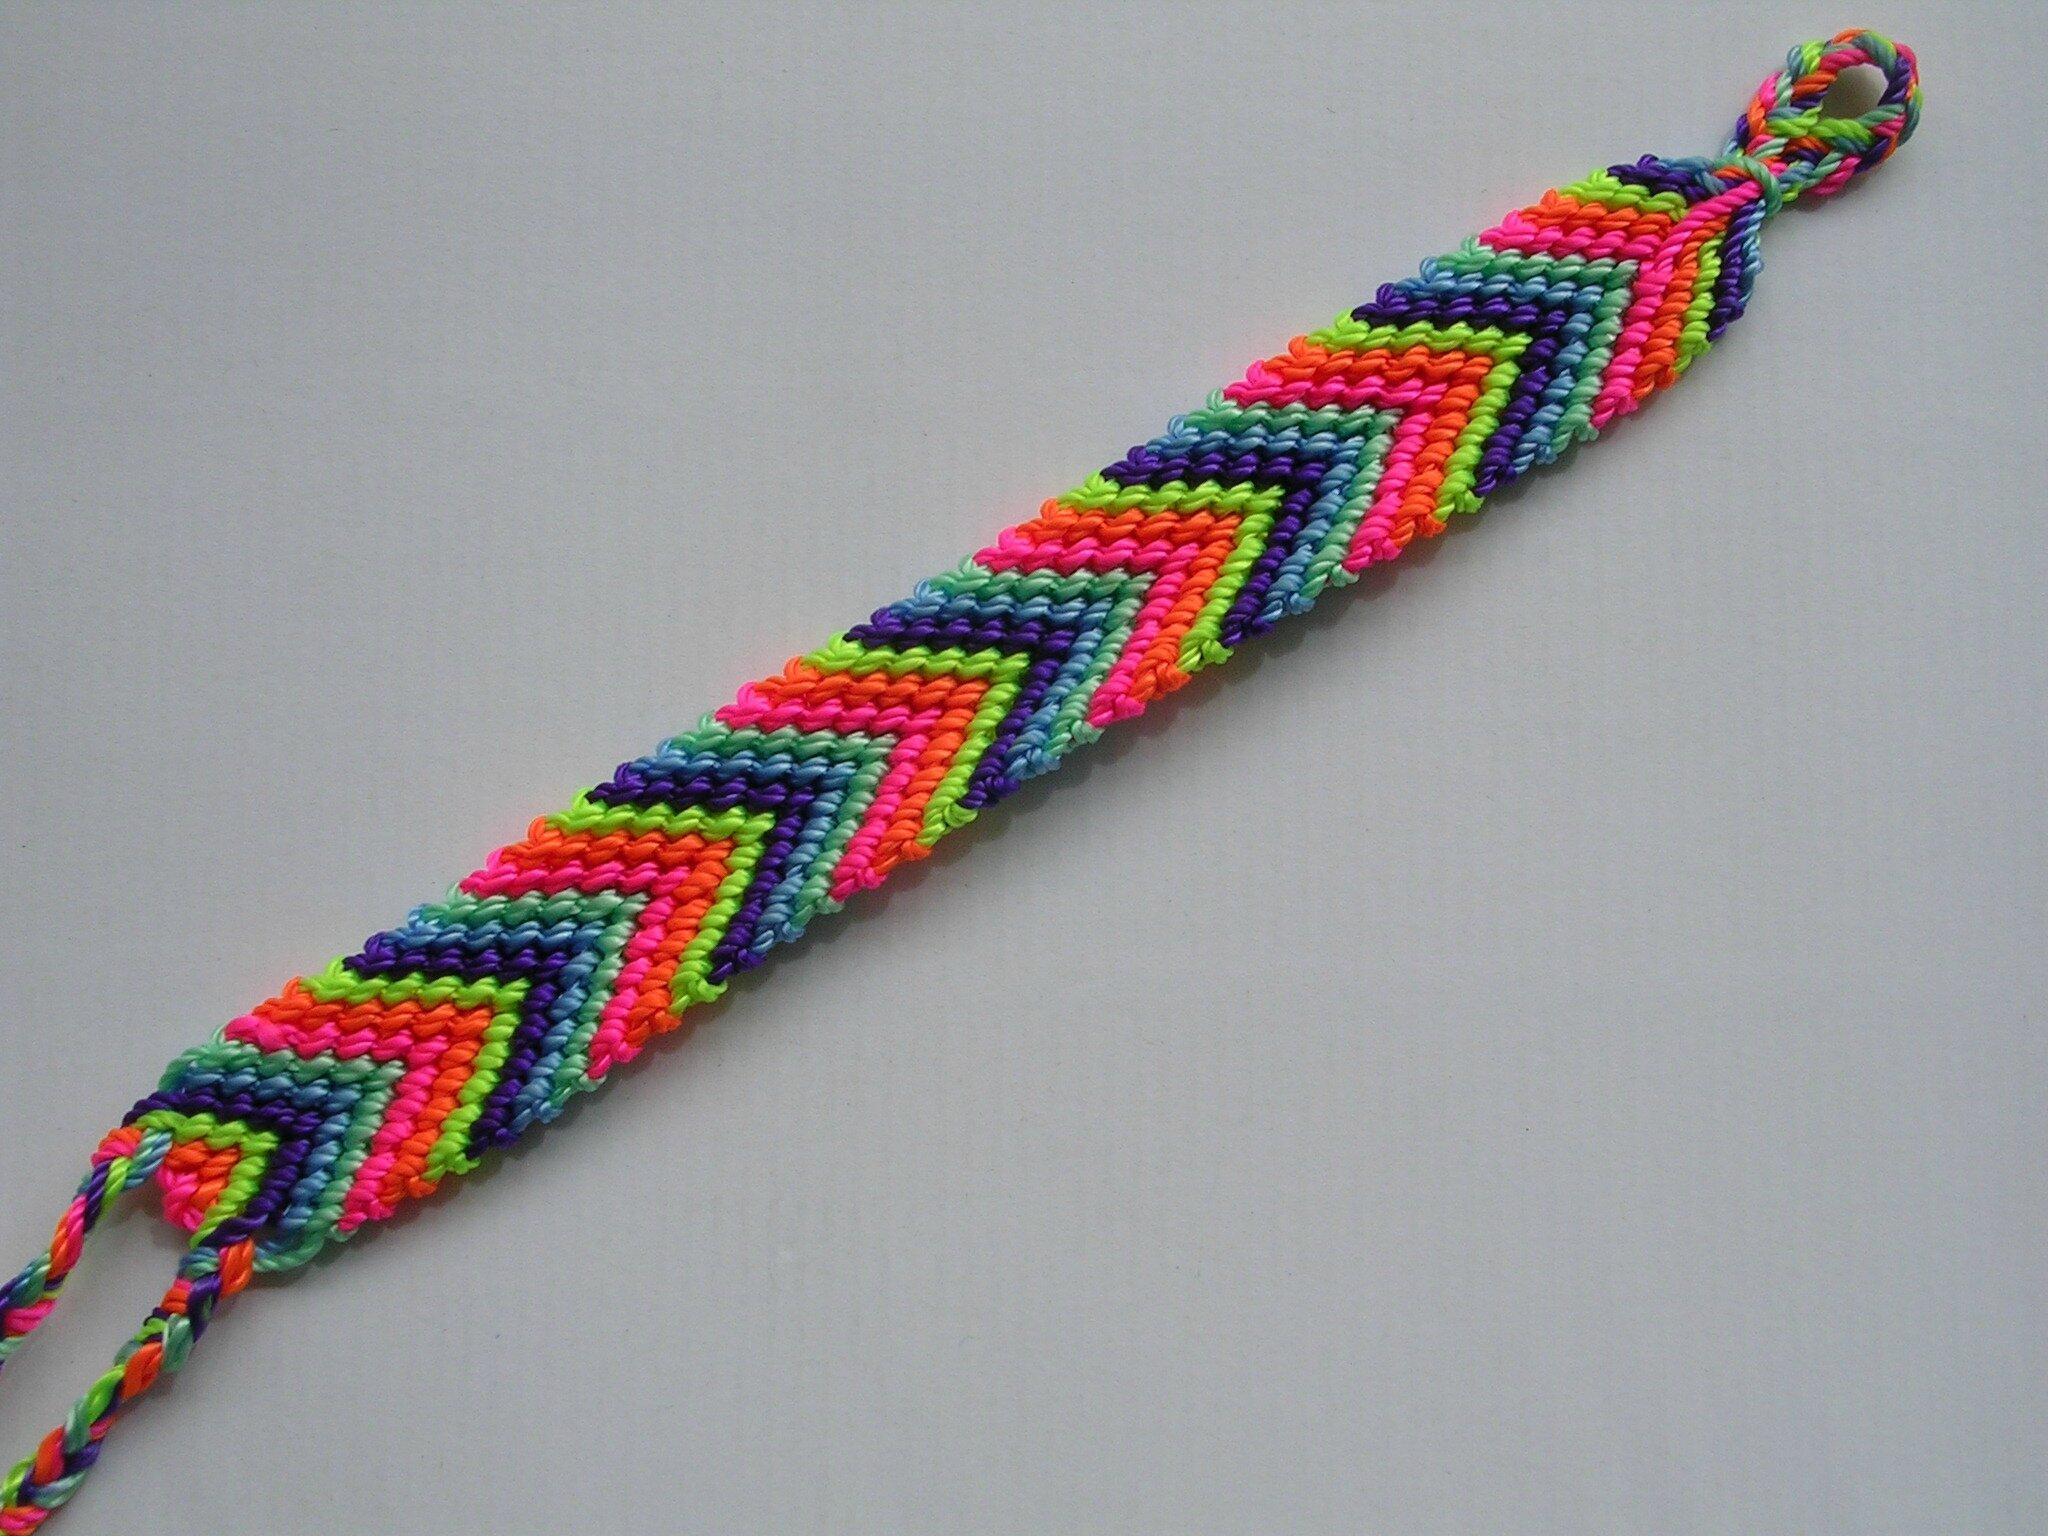 couleurs bracelets bresiliens